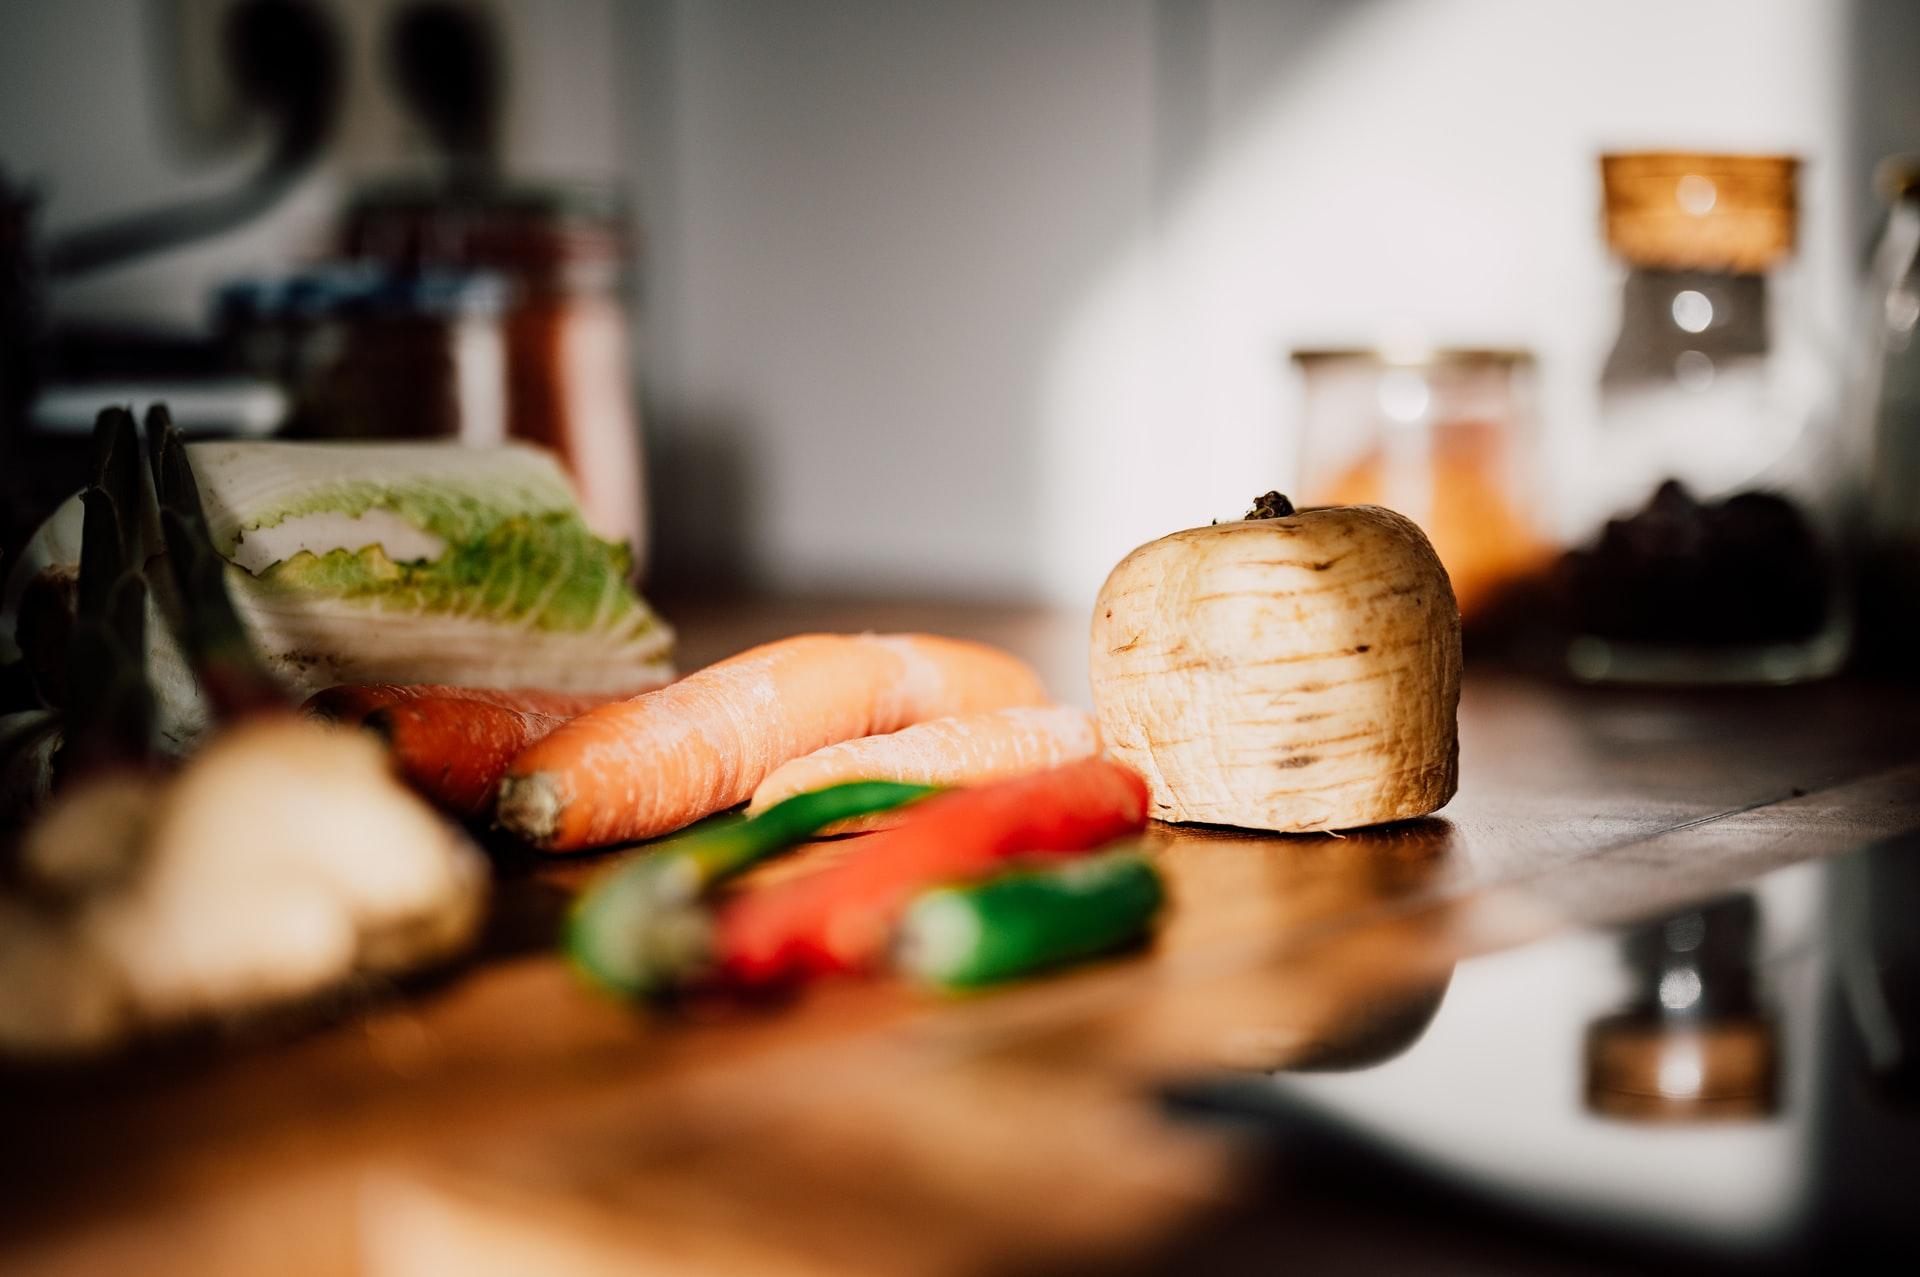 食品ロスが家庭内で起こってしまう原因とは?